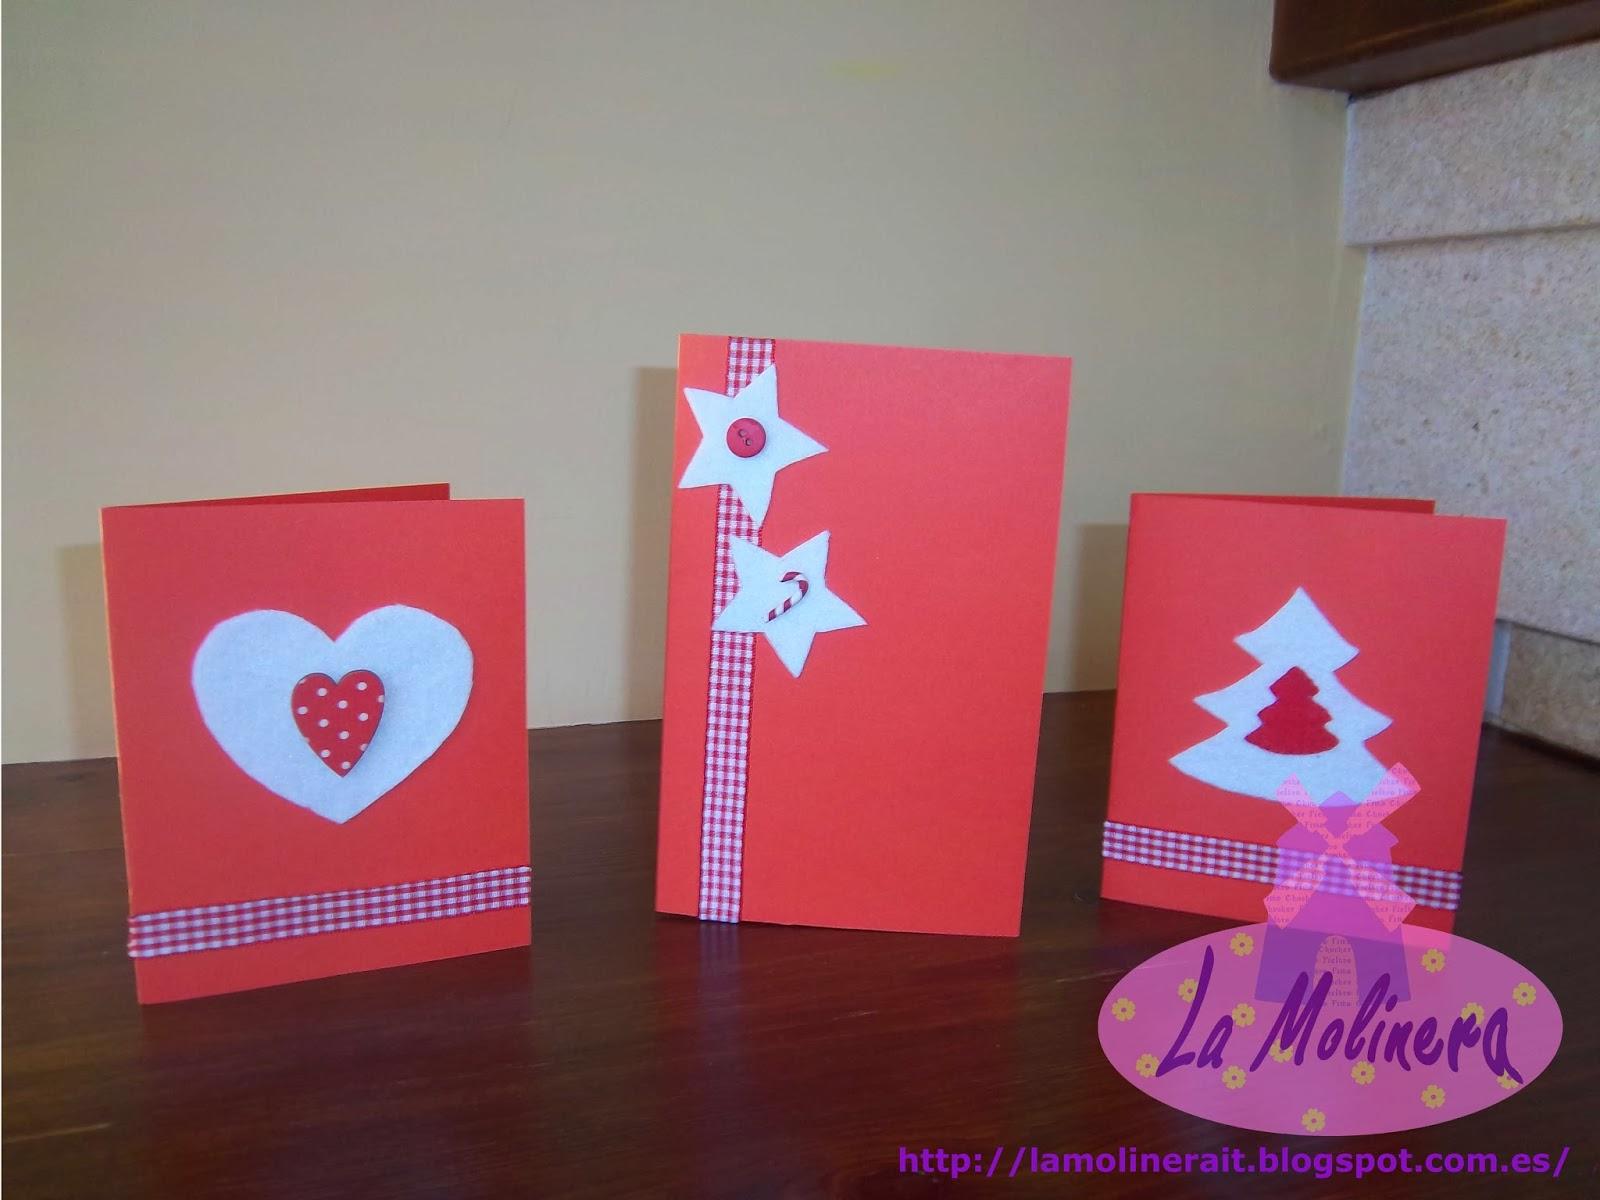 Amato La Molinera: Biglietti di auguri natalizi BS55